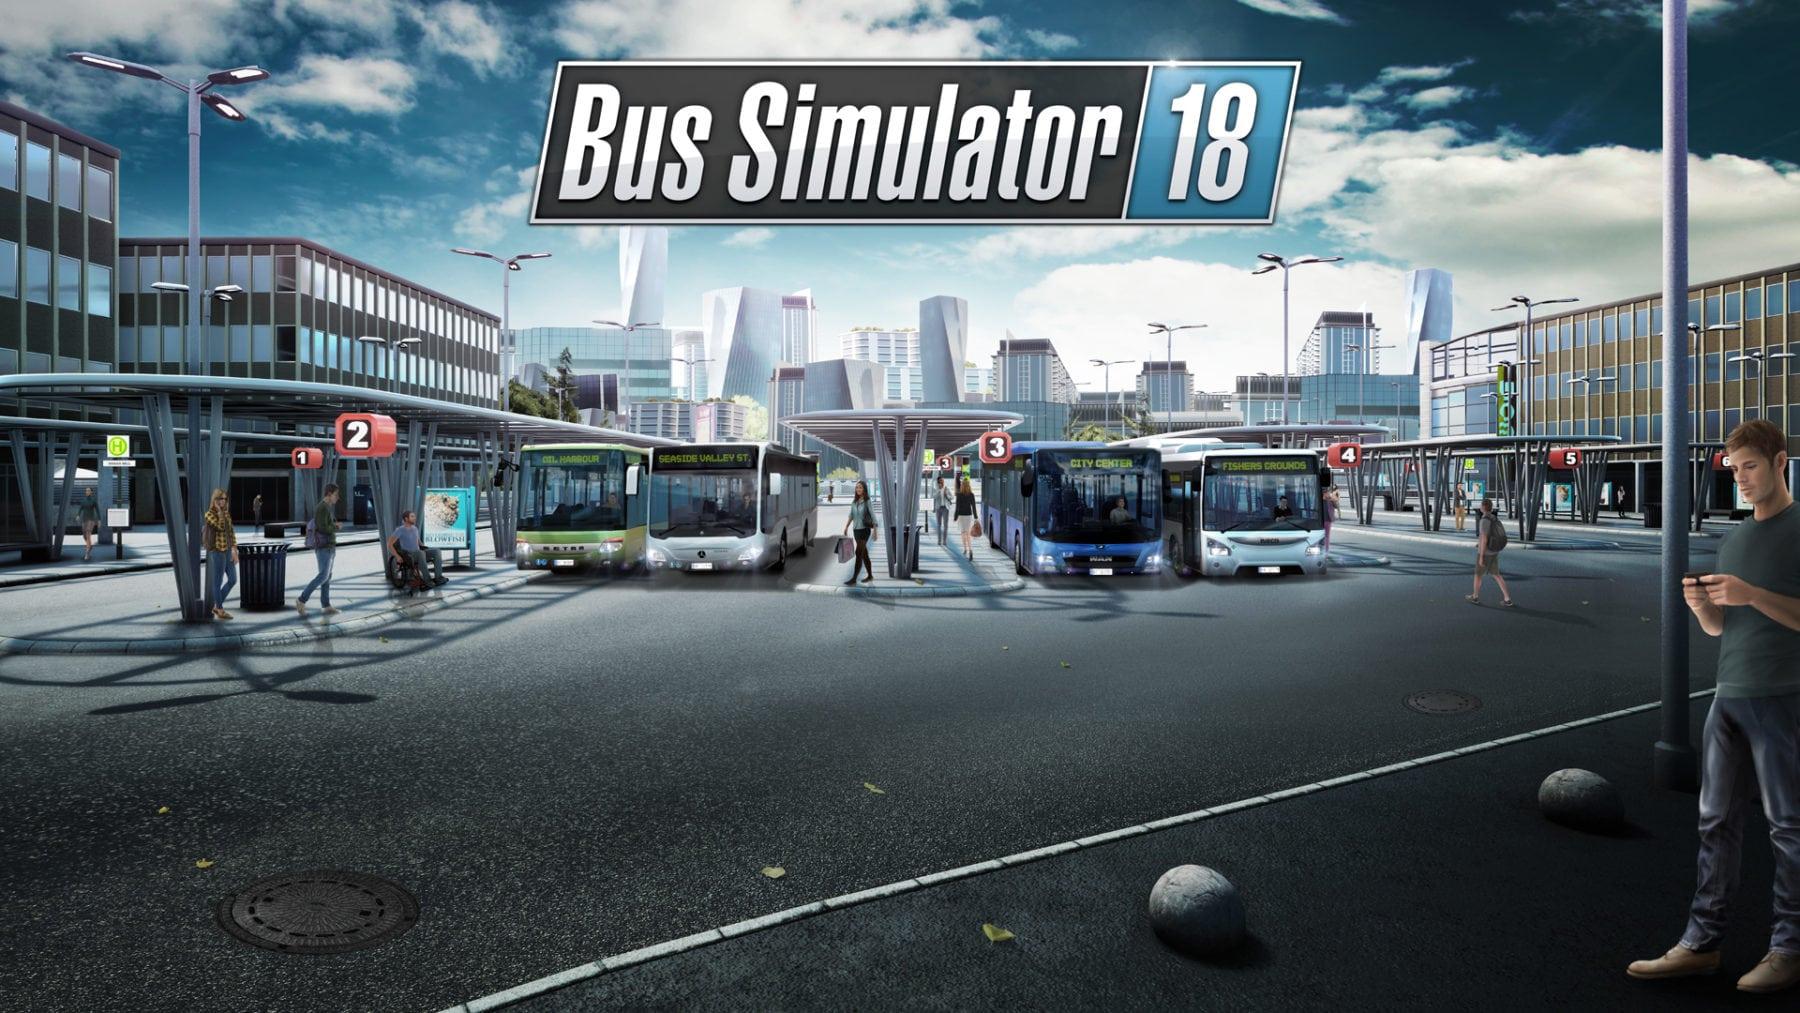 La extensión del mapa de Bus Simulator 18 llega a finales de este mes con nuevas carreteras, paradas y ubicaciones